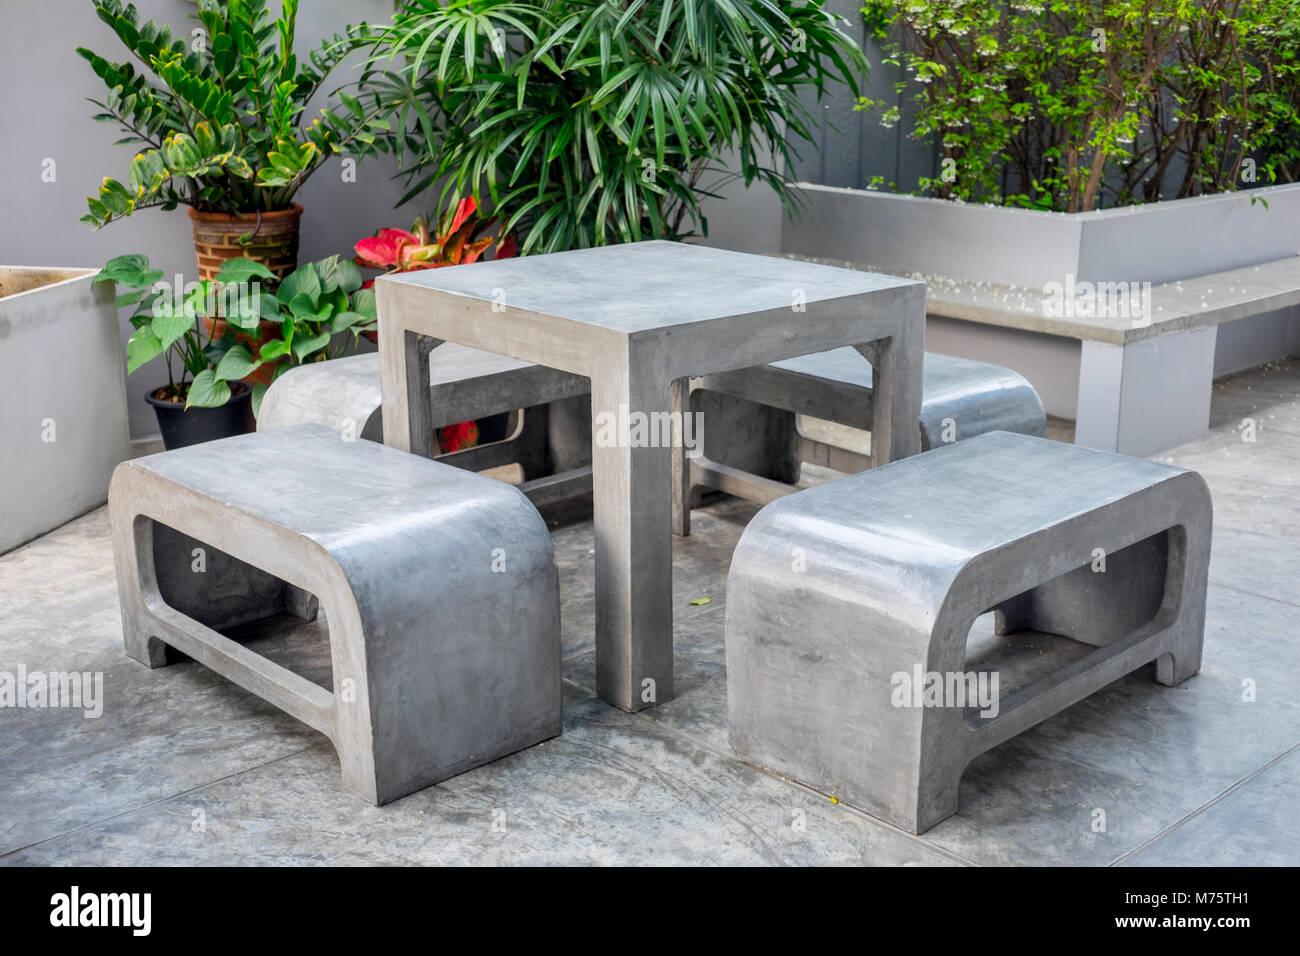 Mobiliario De Exterior De Concreto Situado No Pequeno Jardim - Bancos-para-exterior